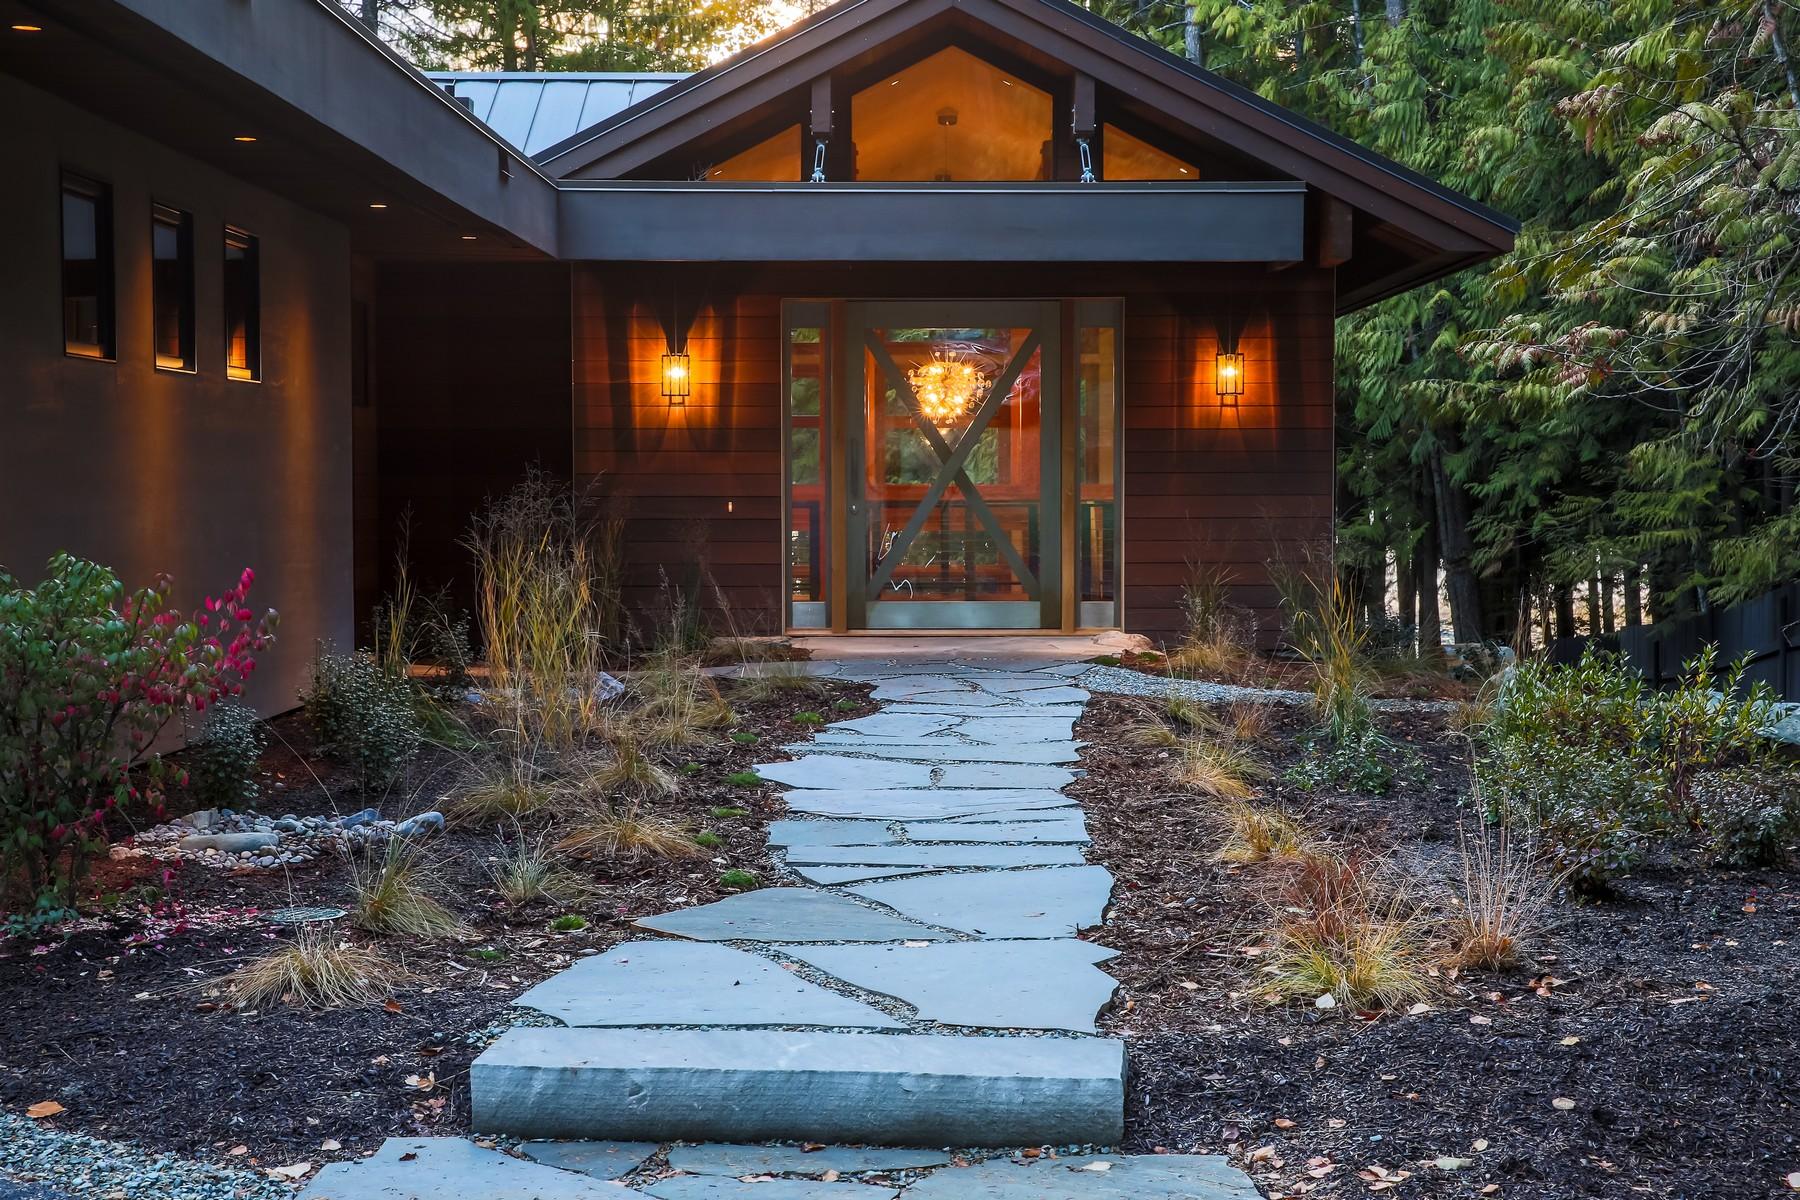 独户住宅 为 销售 在 2532 E Lakeshore Dr , Whitefish, MT 59937 怀特菲什, 蒙大拿州, 59937 美国